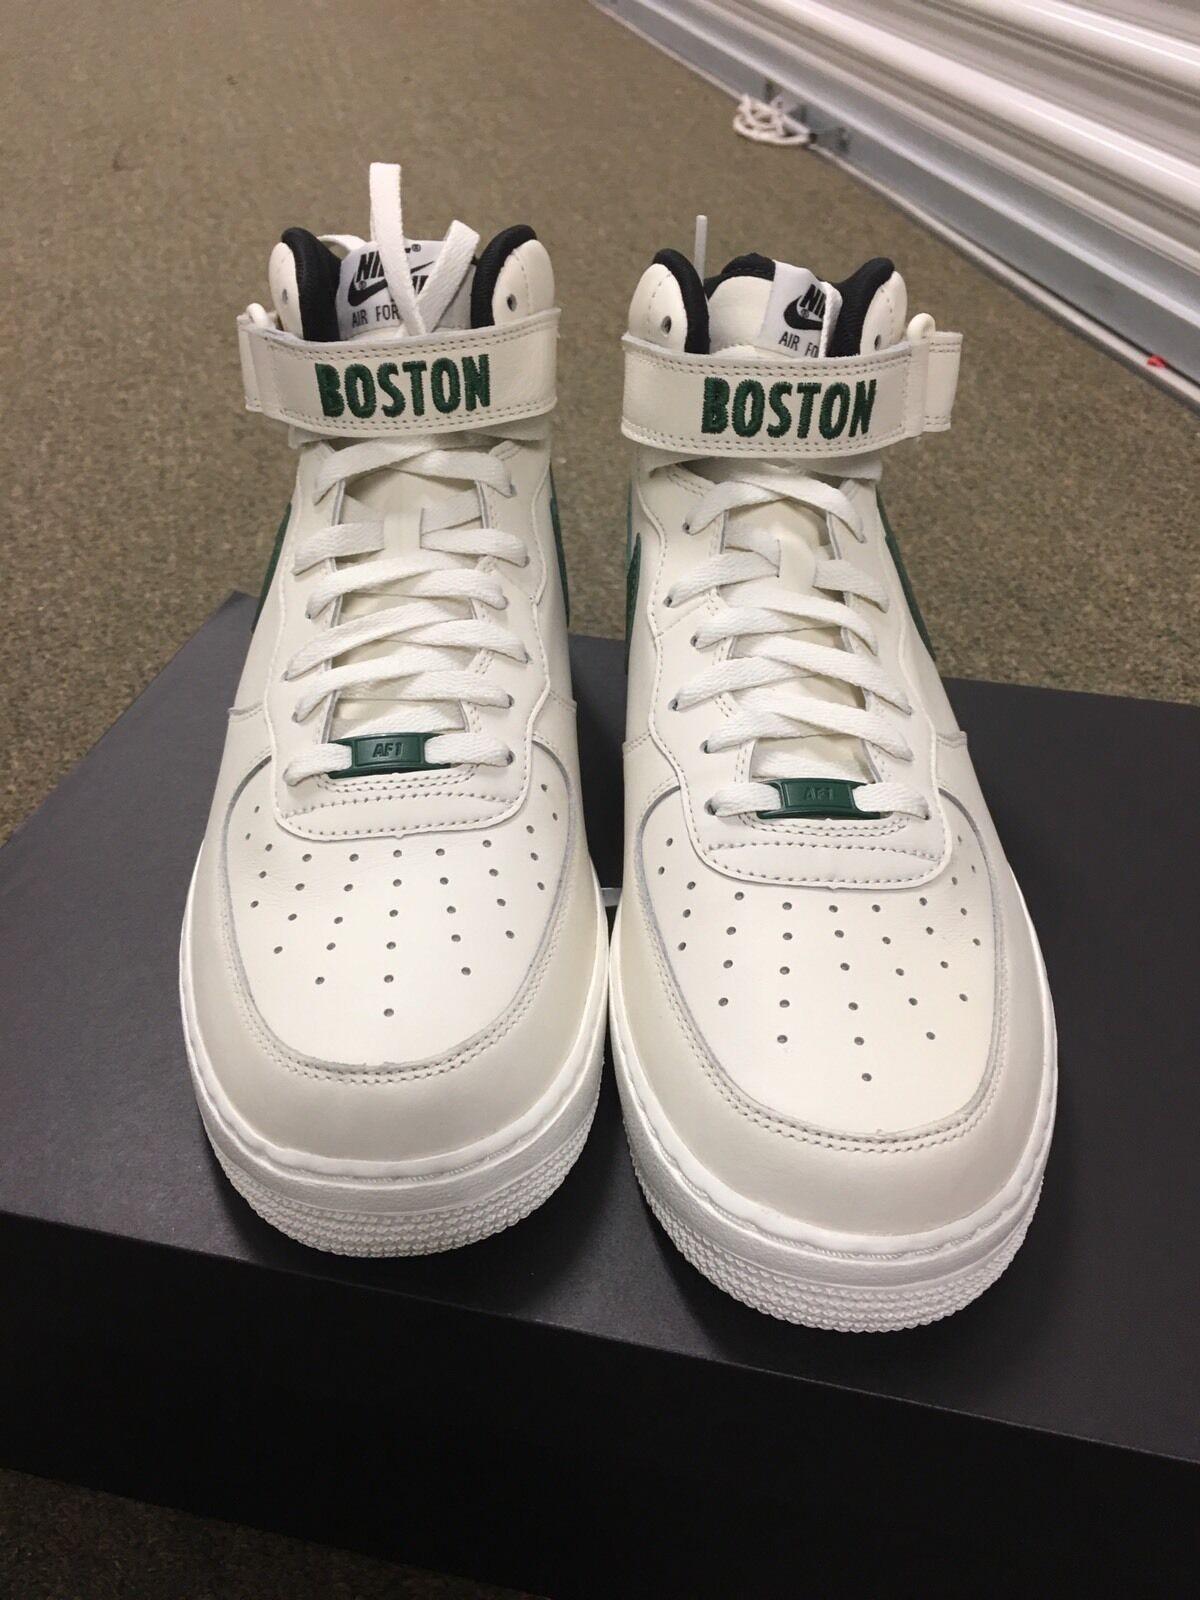 Nike de Air Force 1 mediados de Nike Boston Celtics SZ 11,5 1 de 5 id uno AF1 vela verde It4 PE nuevos zapatos para hombres y mujeres, el limitado tiempo de descuento 432ff7